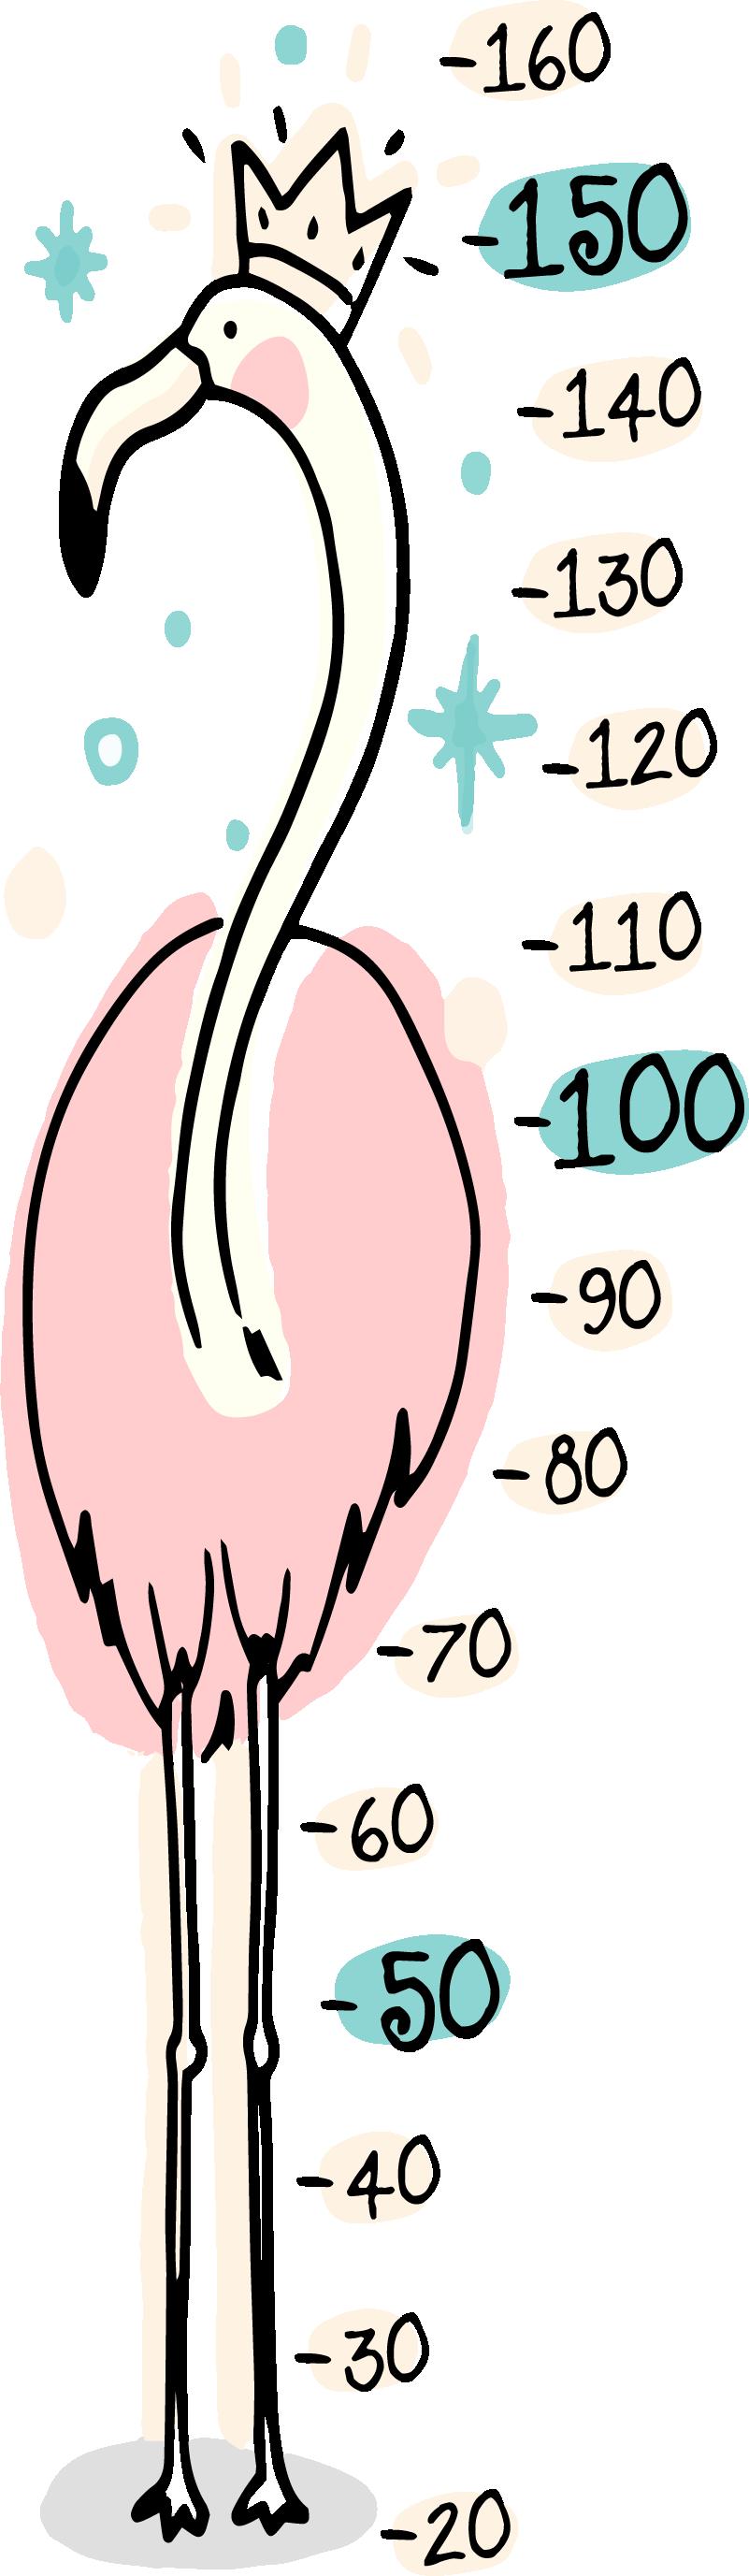 TenStickers. Sticker Maison Flamand Mesureur. Découvrez comment devenir plus grand avec nos stickers de flamand rose mesureur pour vous accompagner jusqu'à vos 1m60. Envoi Express 24/48h.